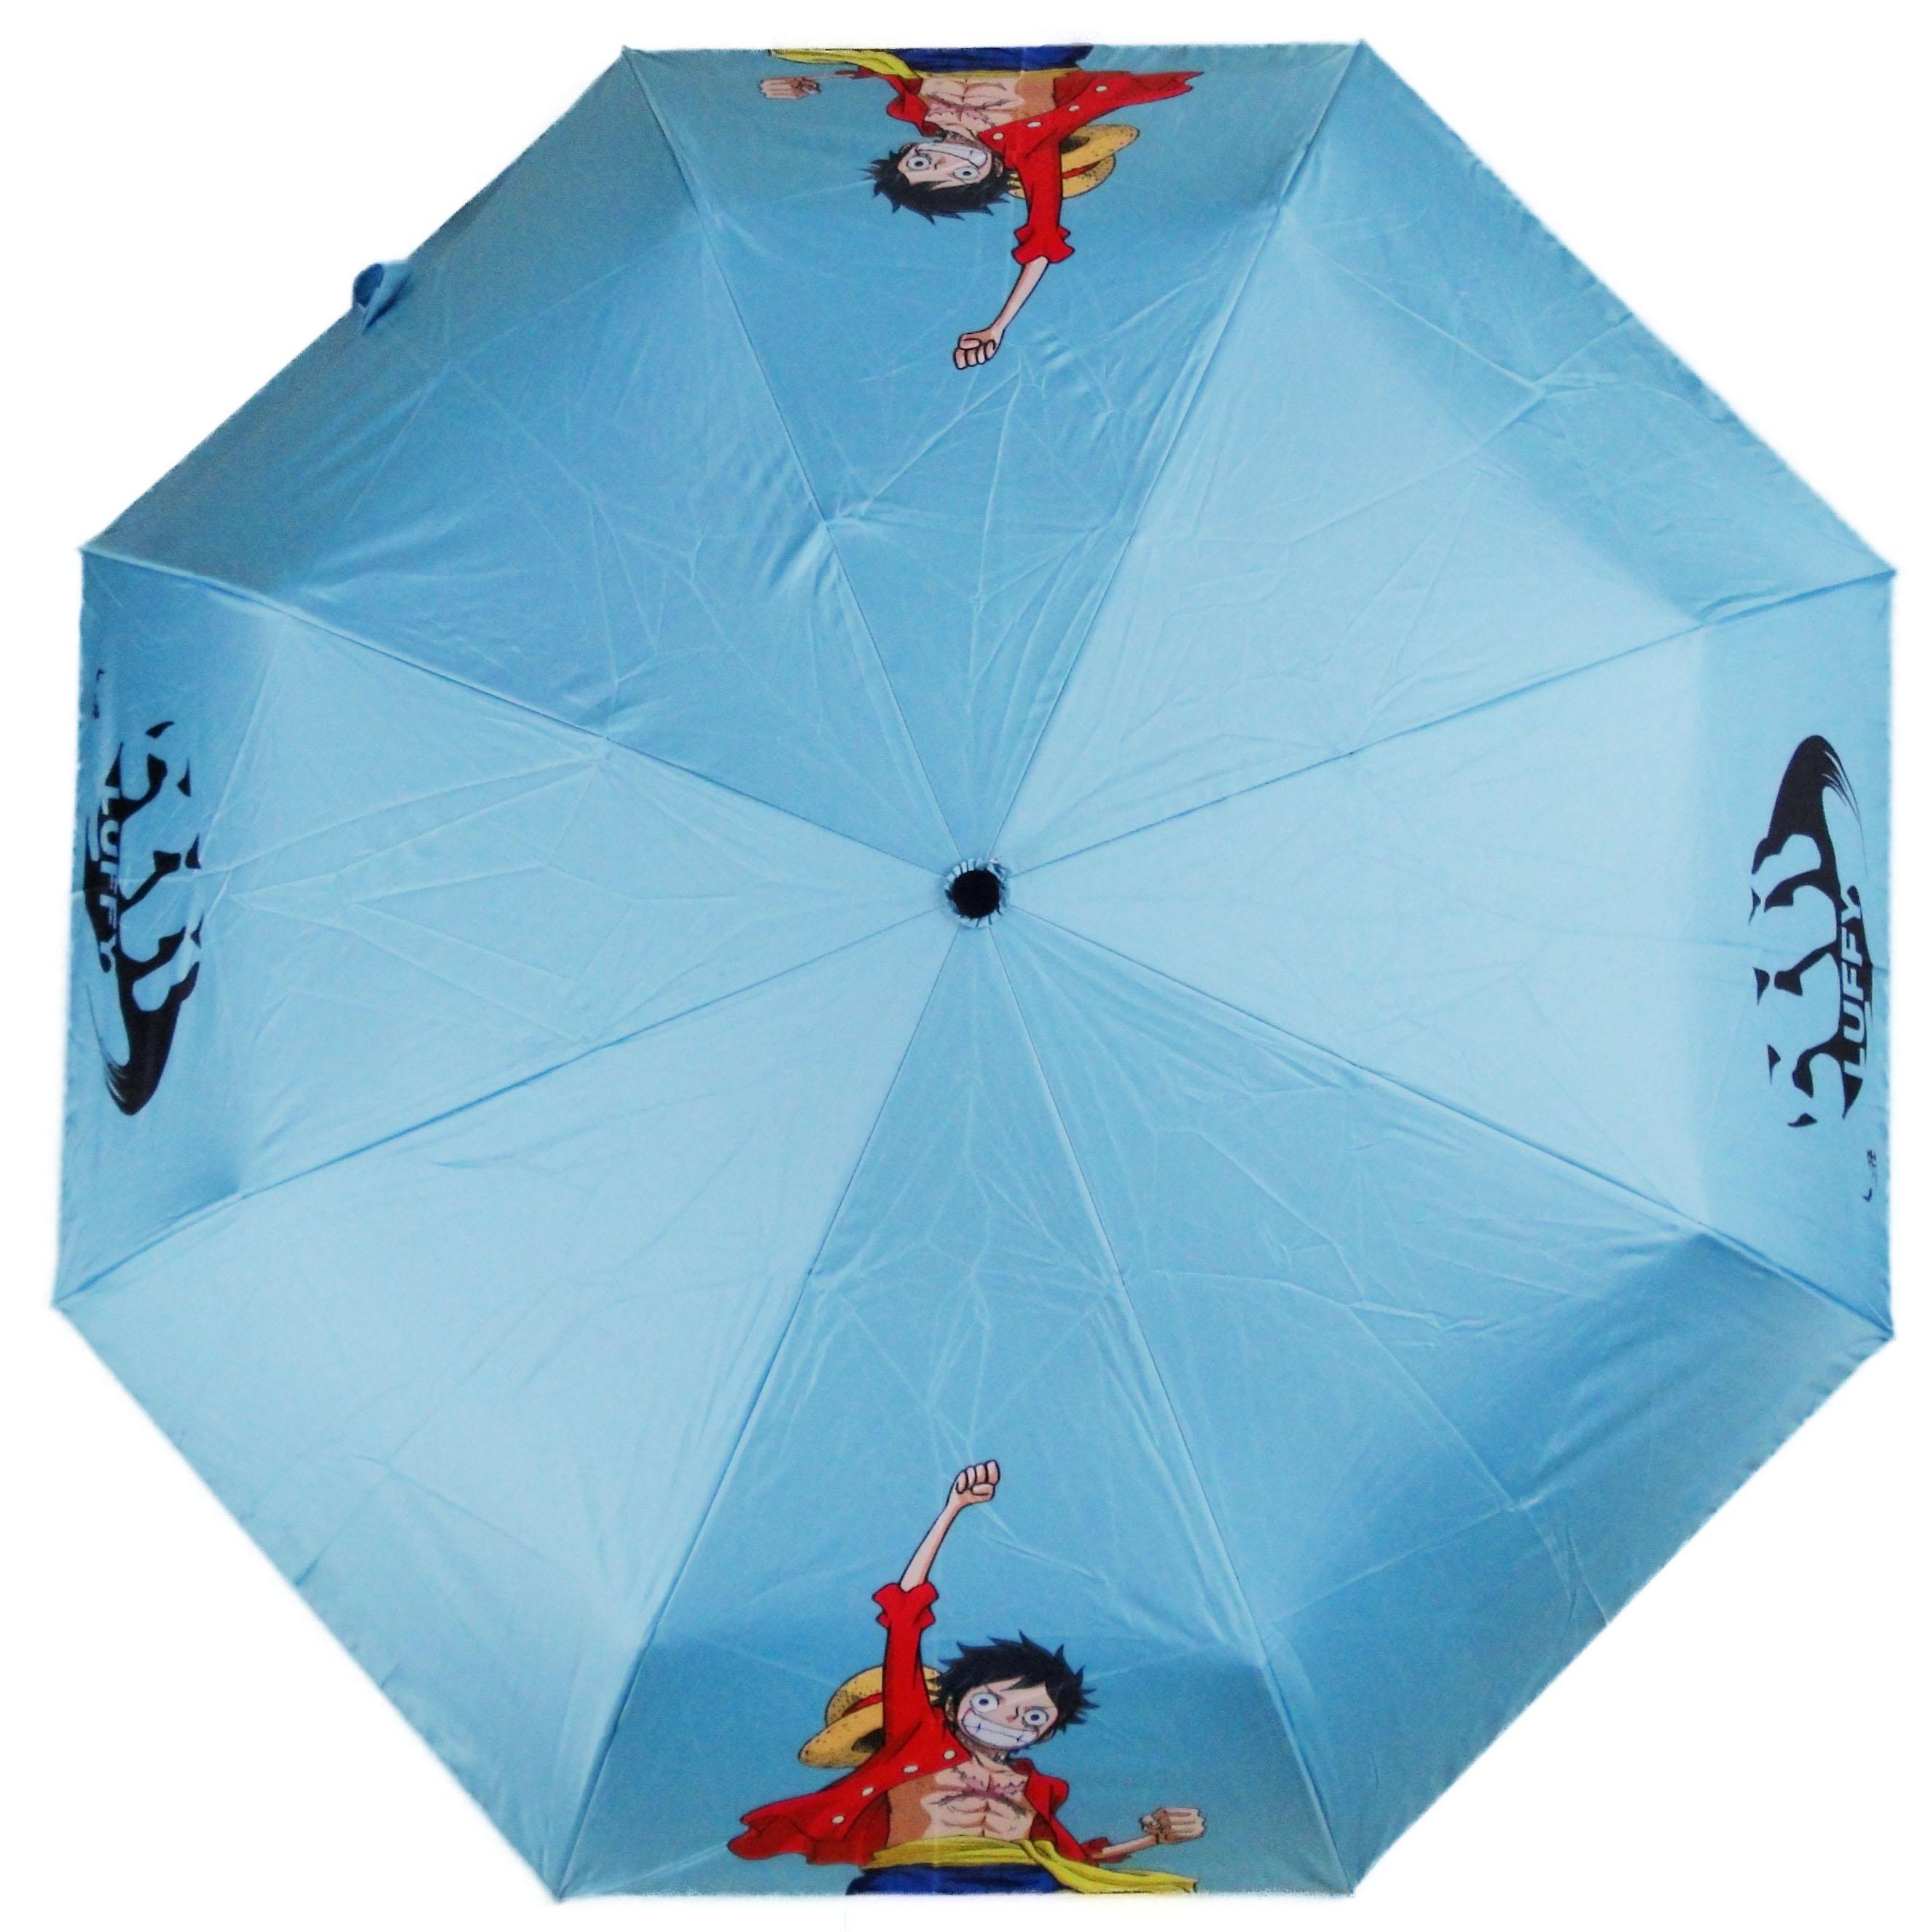 One Piece 航海王 海賊王 魯夫 Luffy 水藍色 自動傘 雨傘 陽傘 晴雨傘